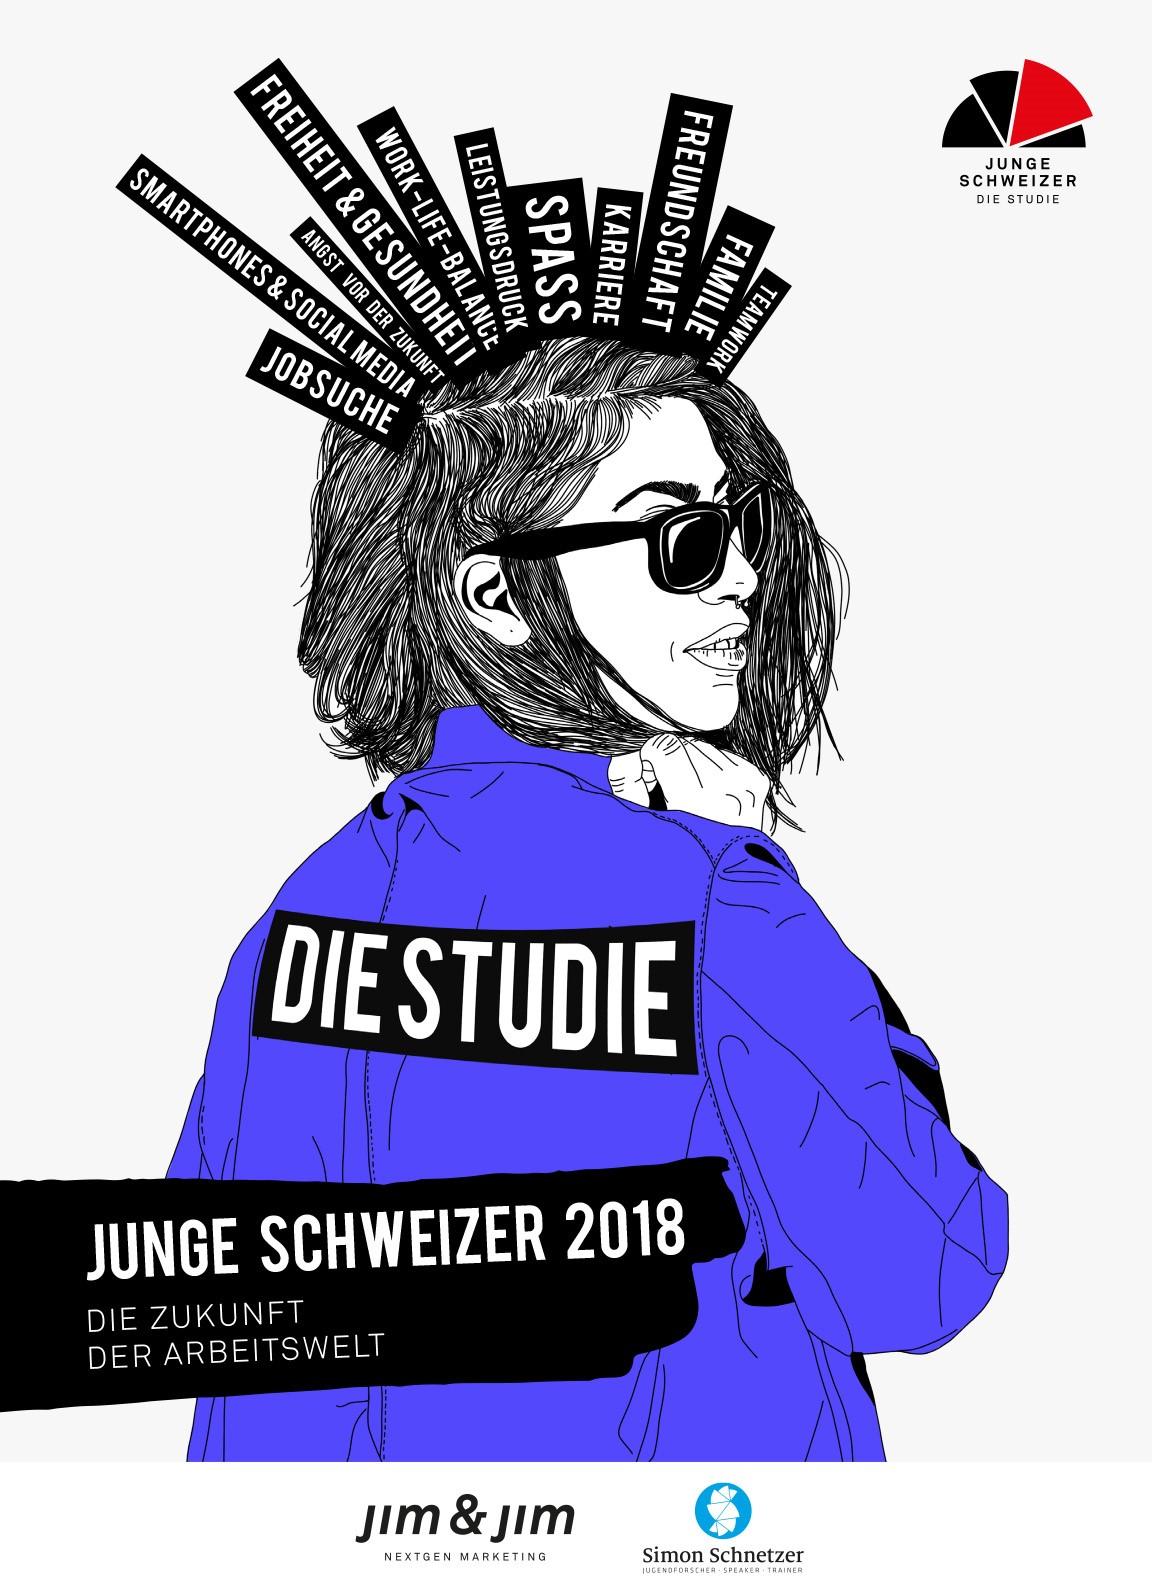 Expert Marketplace -  Simon Schnetzer - Junge Schweizer 2018 - Die Studie